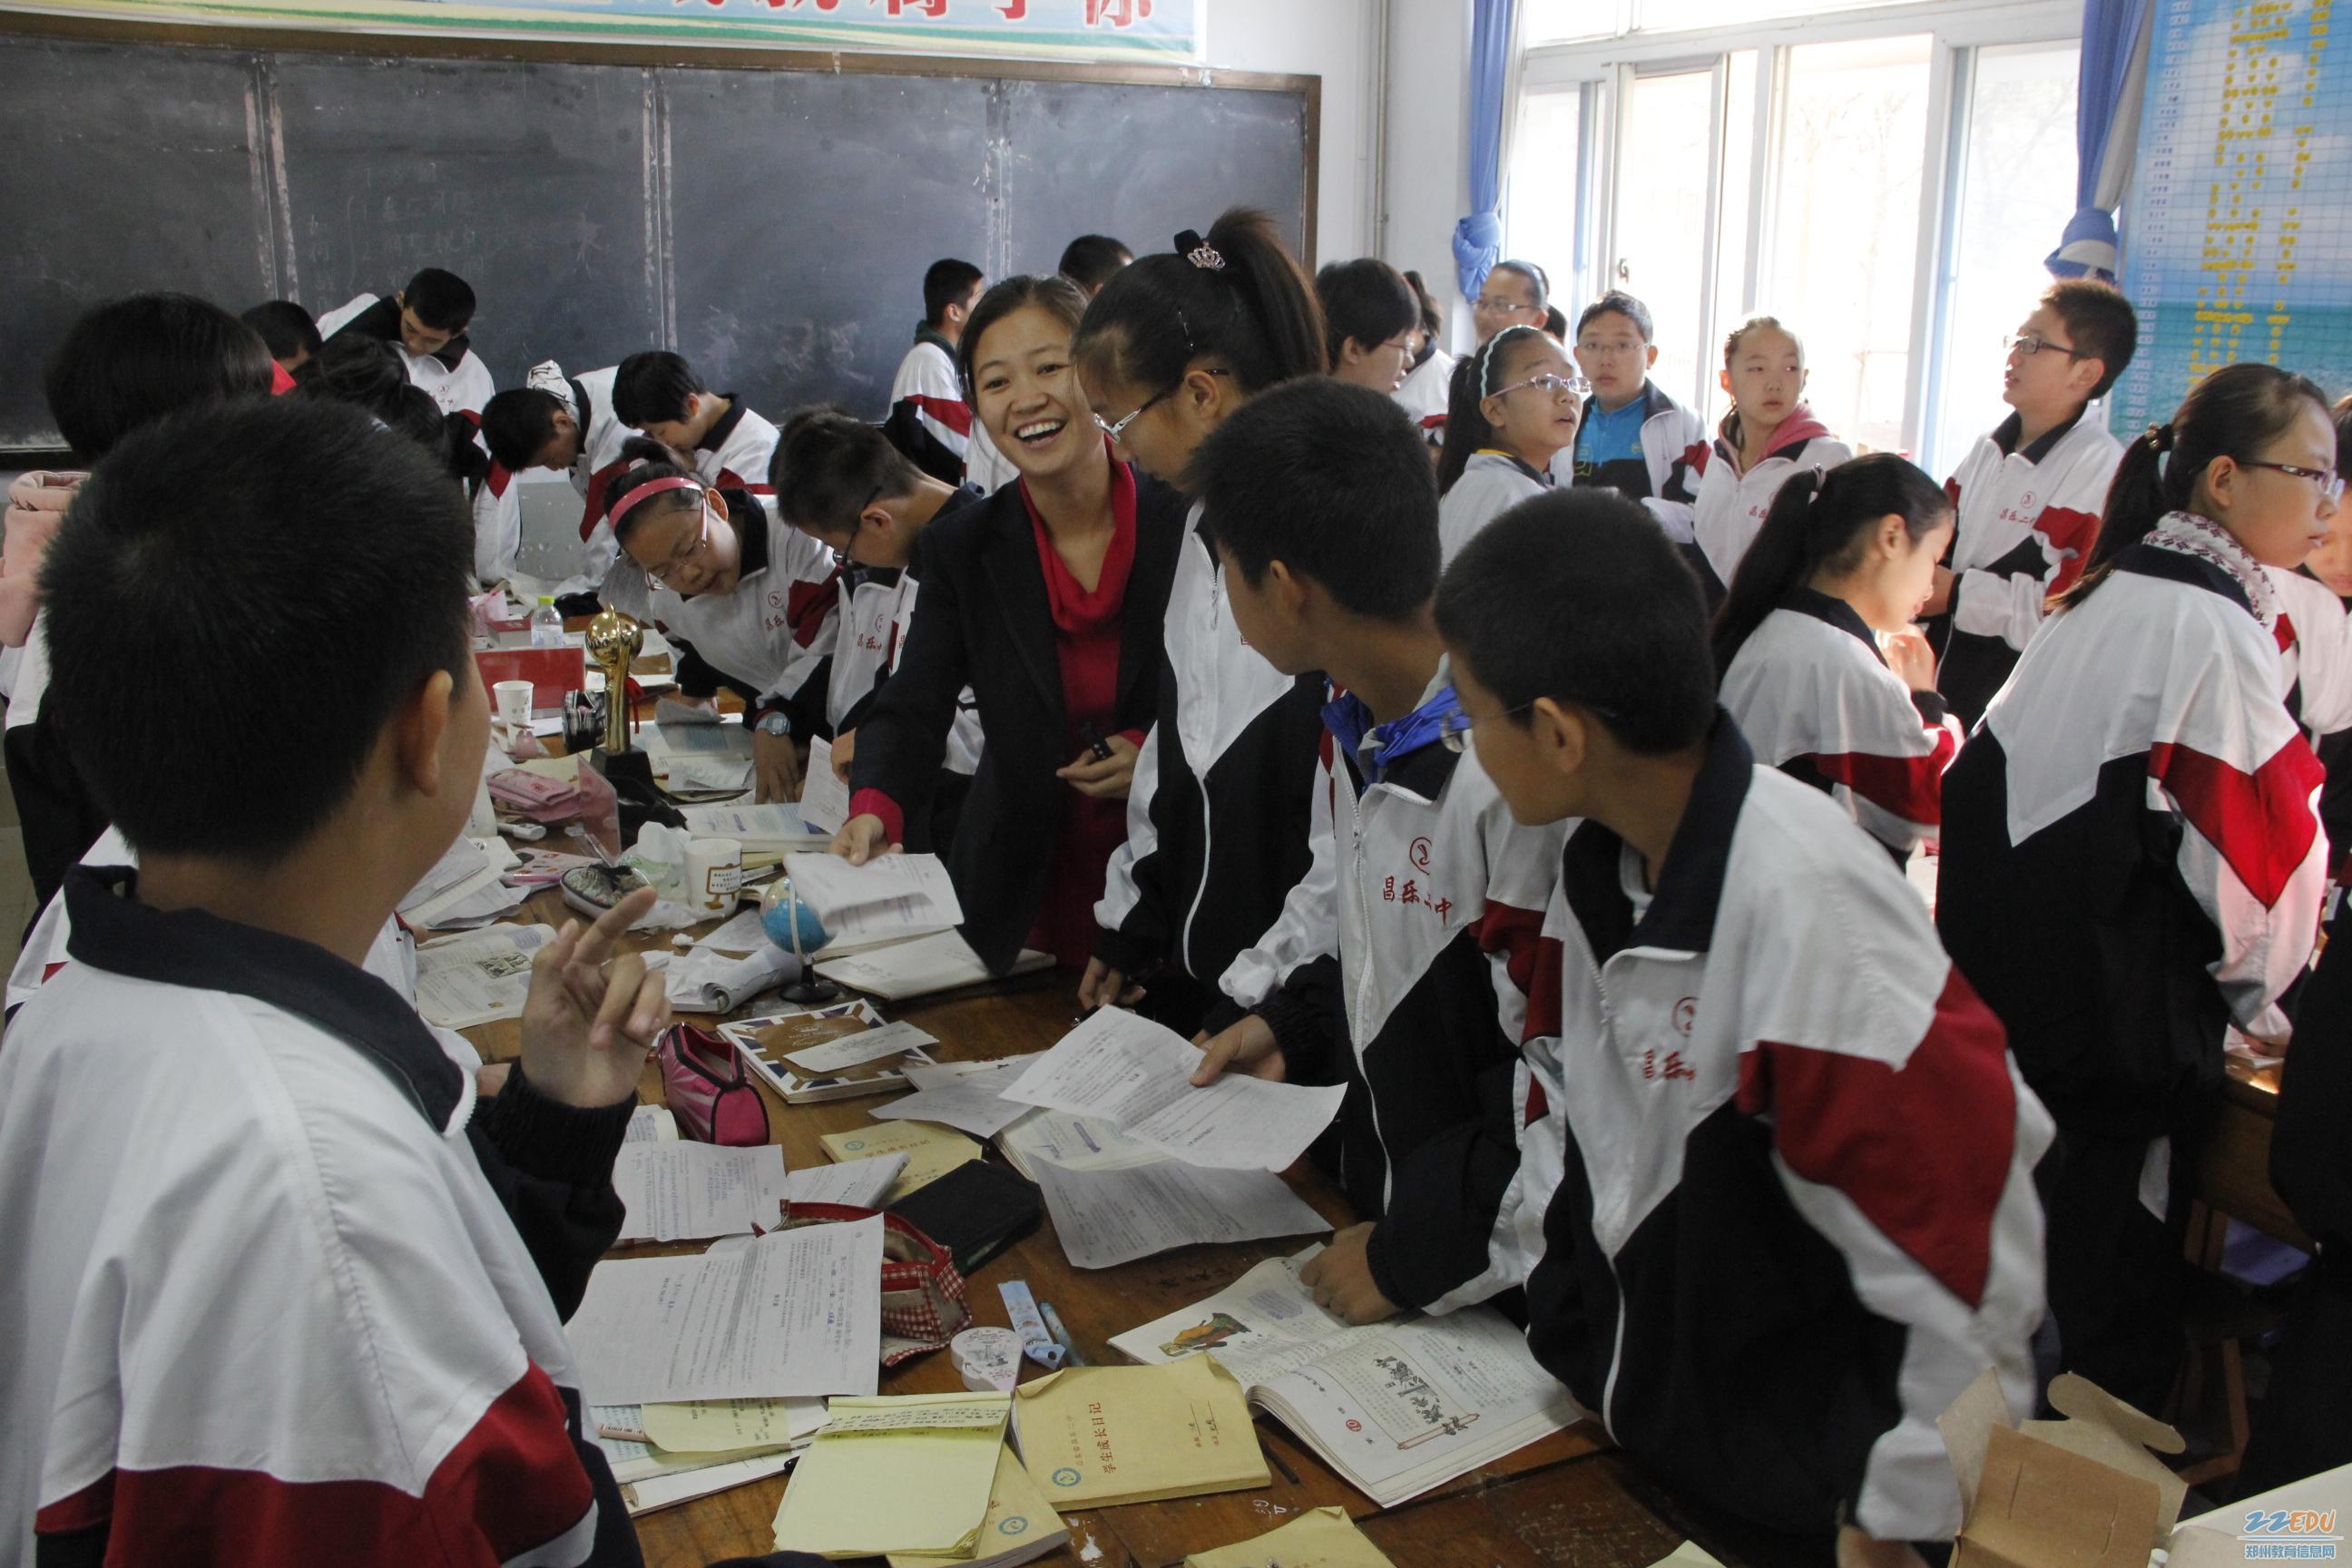 高效课堂教学方法_[49中] 昌乐二中参观学习高效课堂--郑州教育信息网